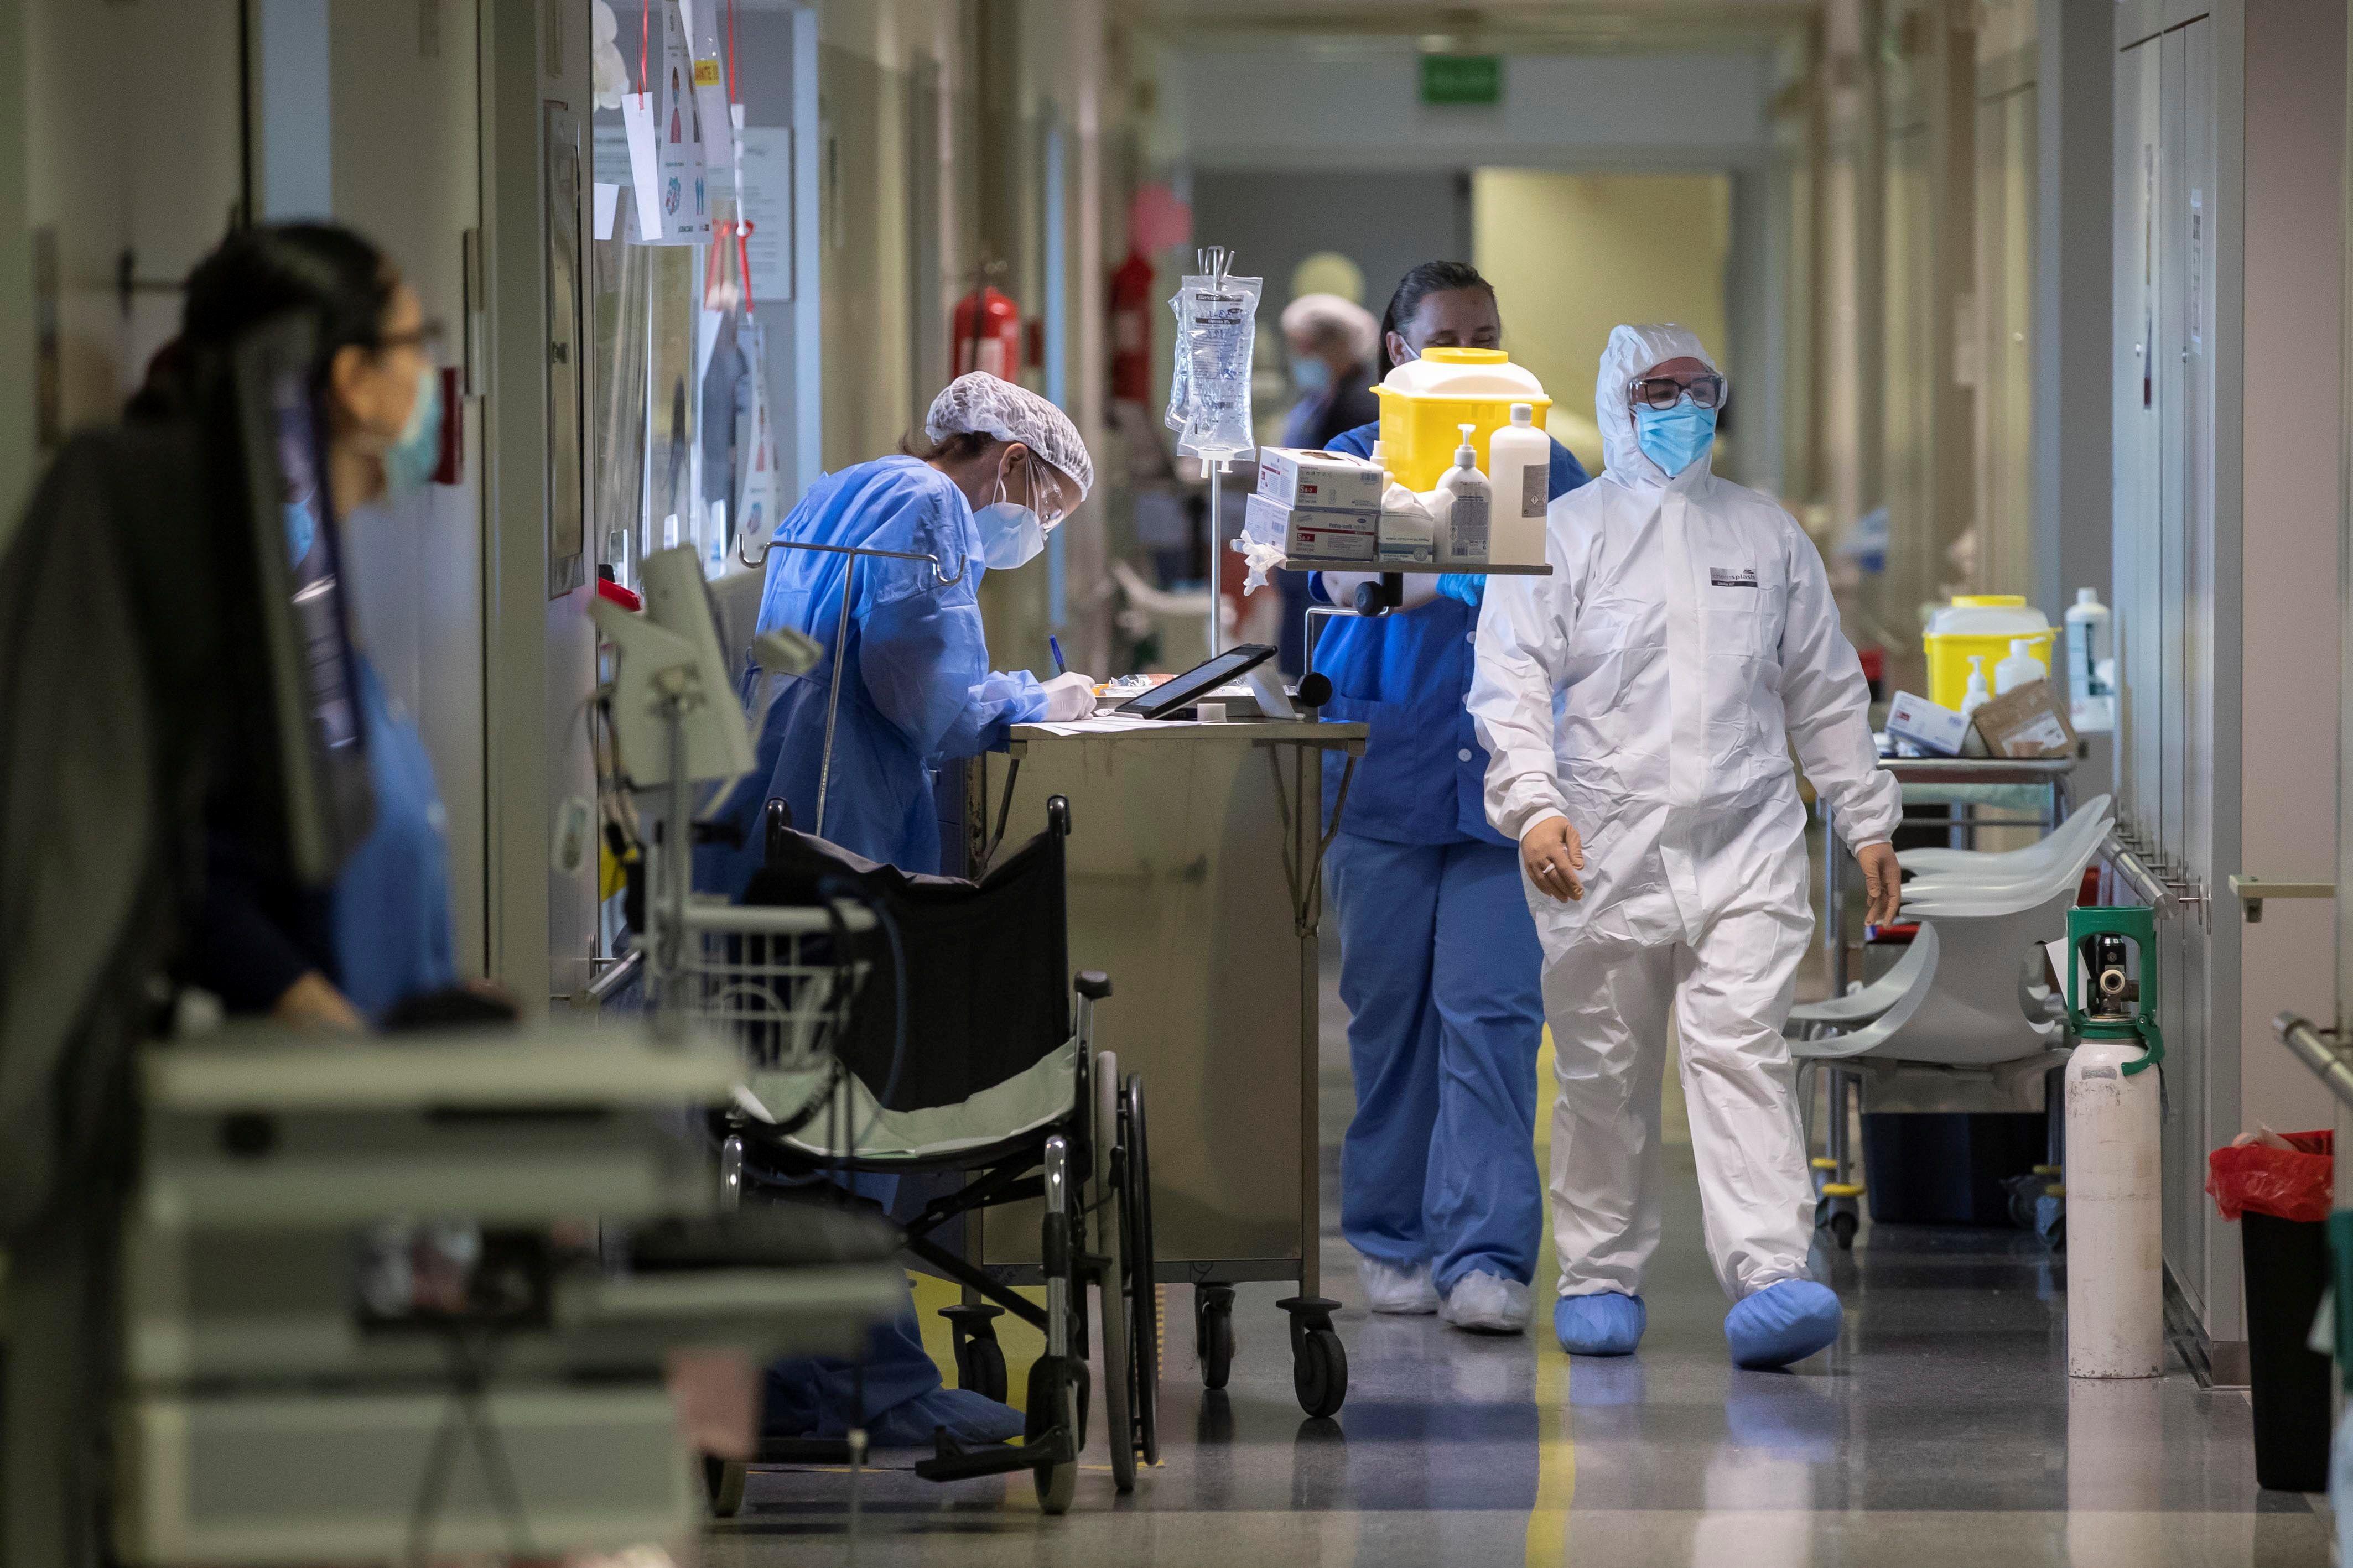 La Región de Murcia registra tres muertes por Covid en una jornada con 76 nuevos contagios